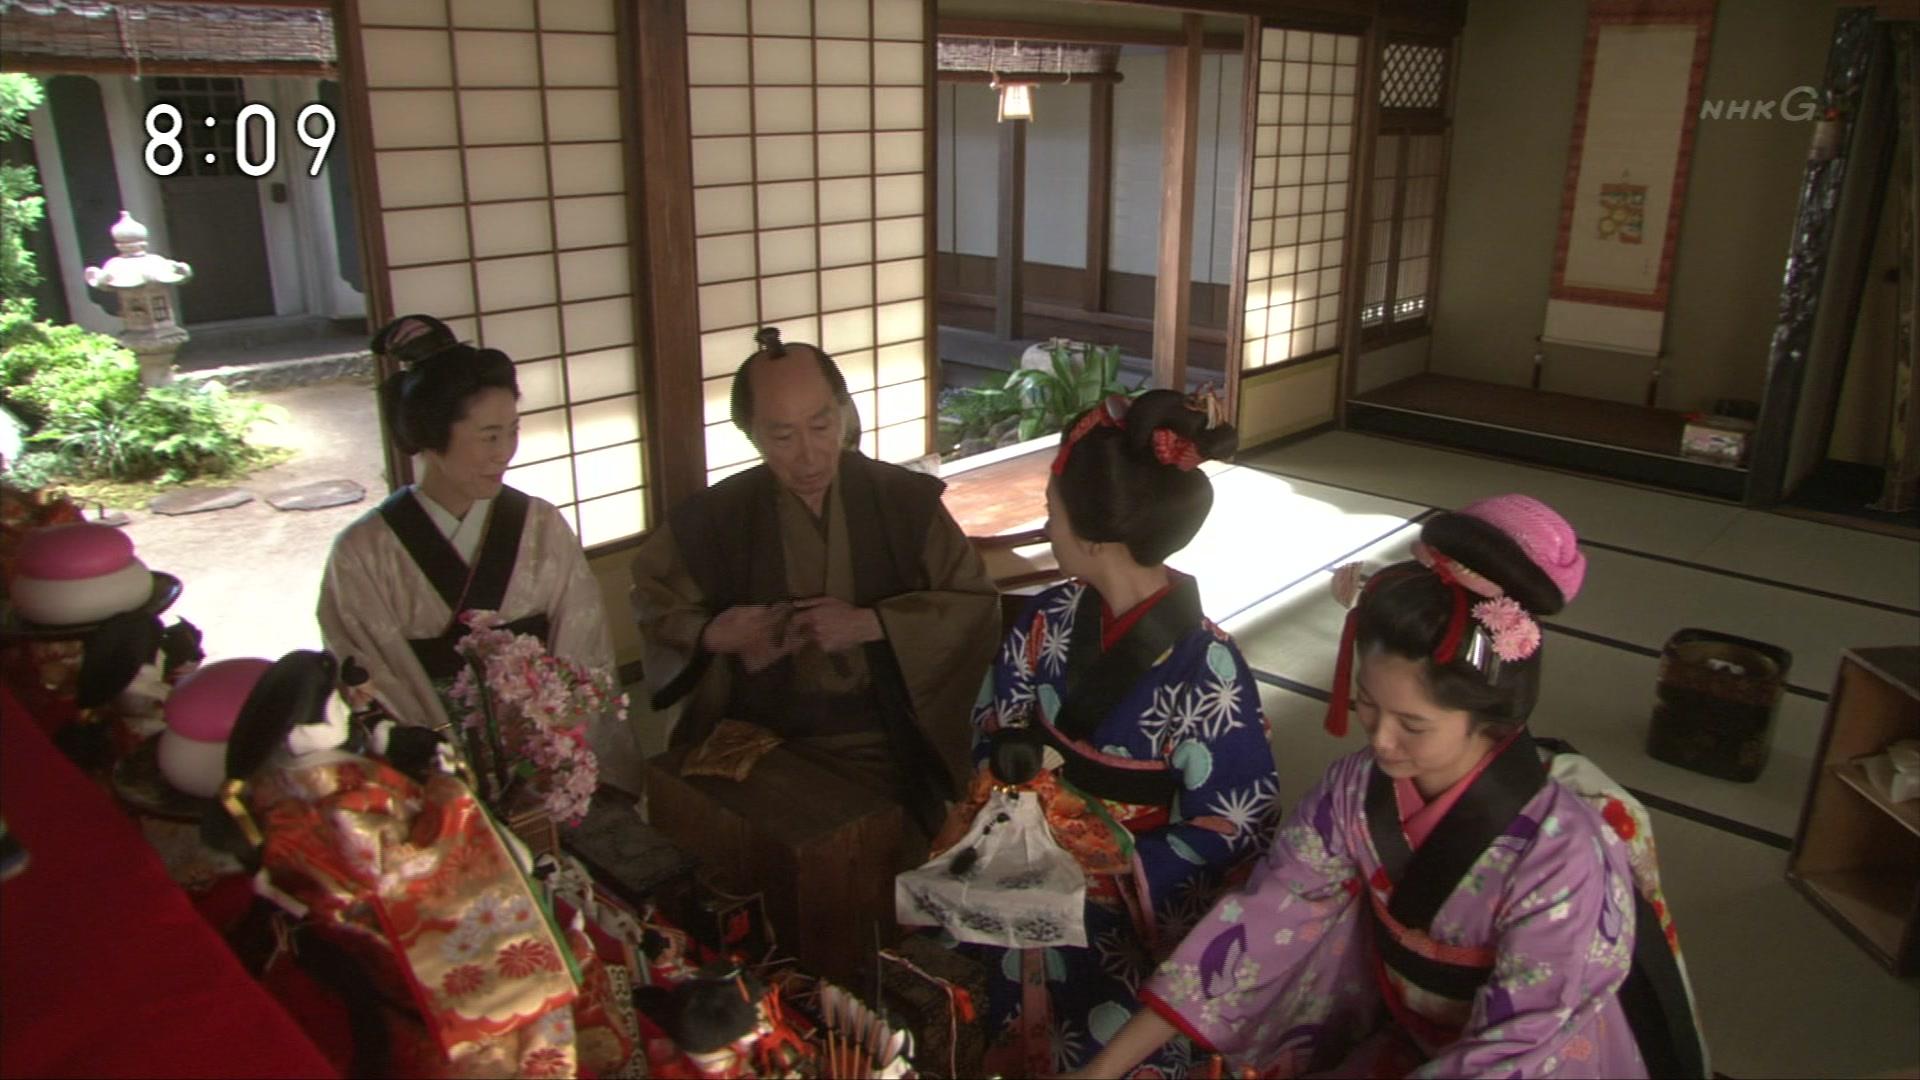 2015-10-07 08:00 連続テレビ小説 あさが来た(9)「ふたつの花びら」 1781